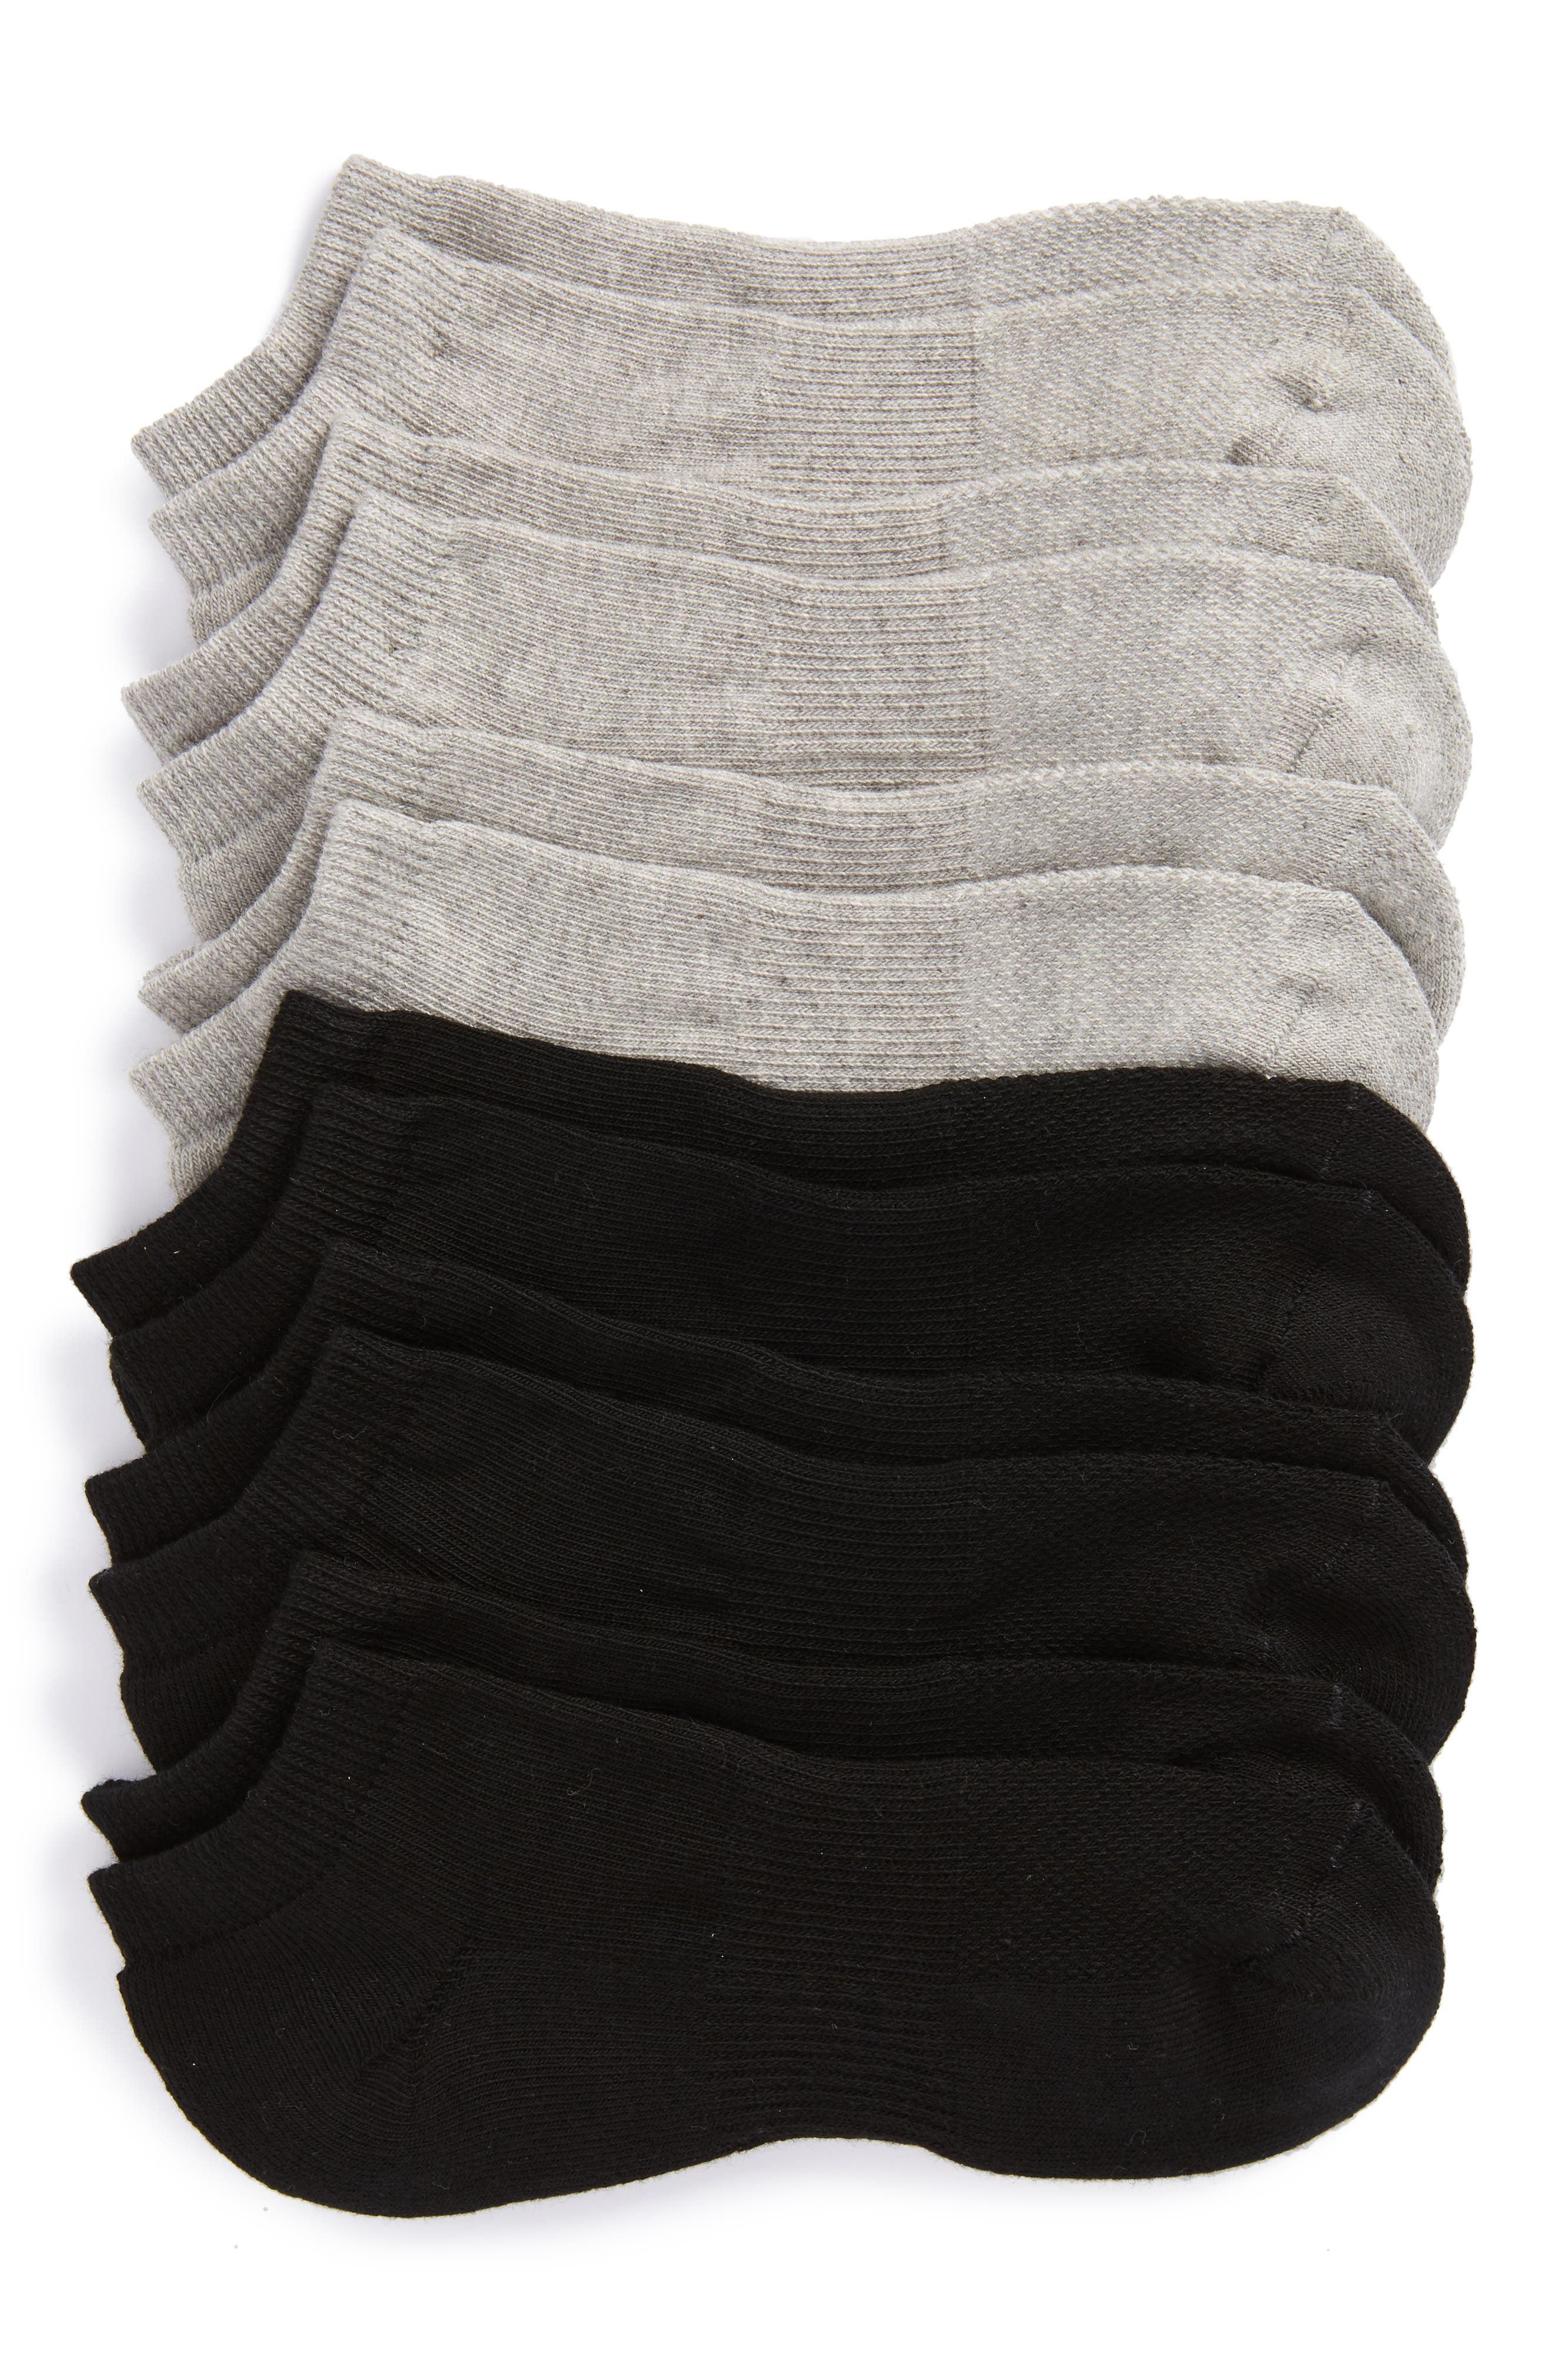 Alternate Image 1 Selected - Nordstrom Men's Shop 6-Pack Athletic No-Show Socks